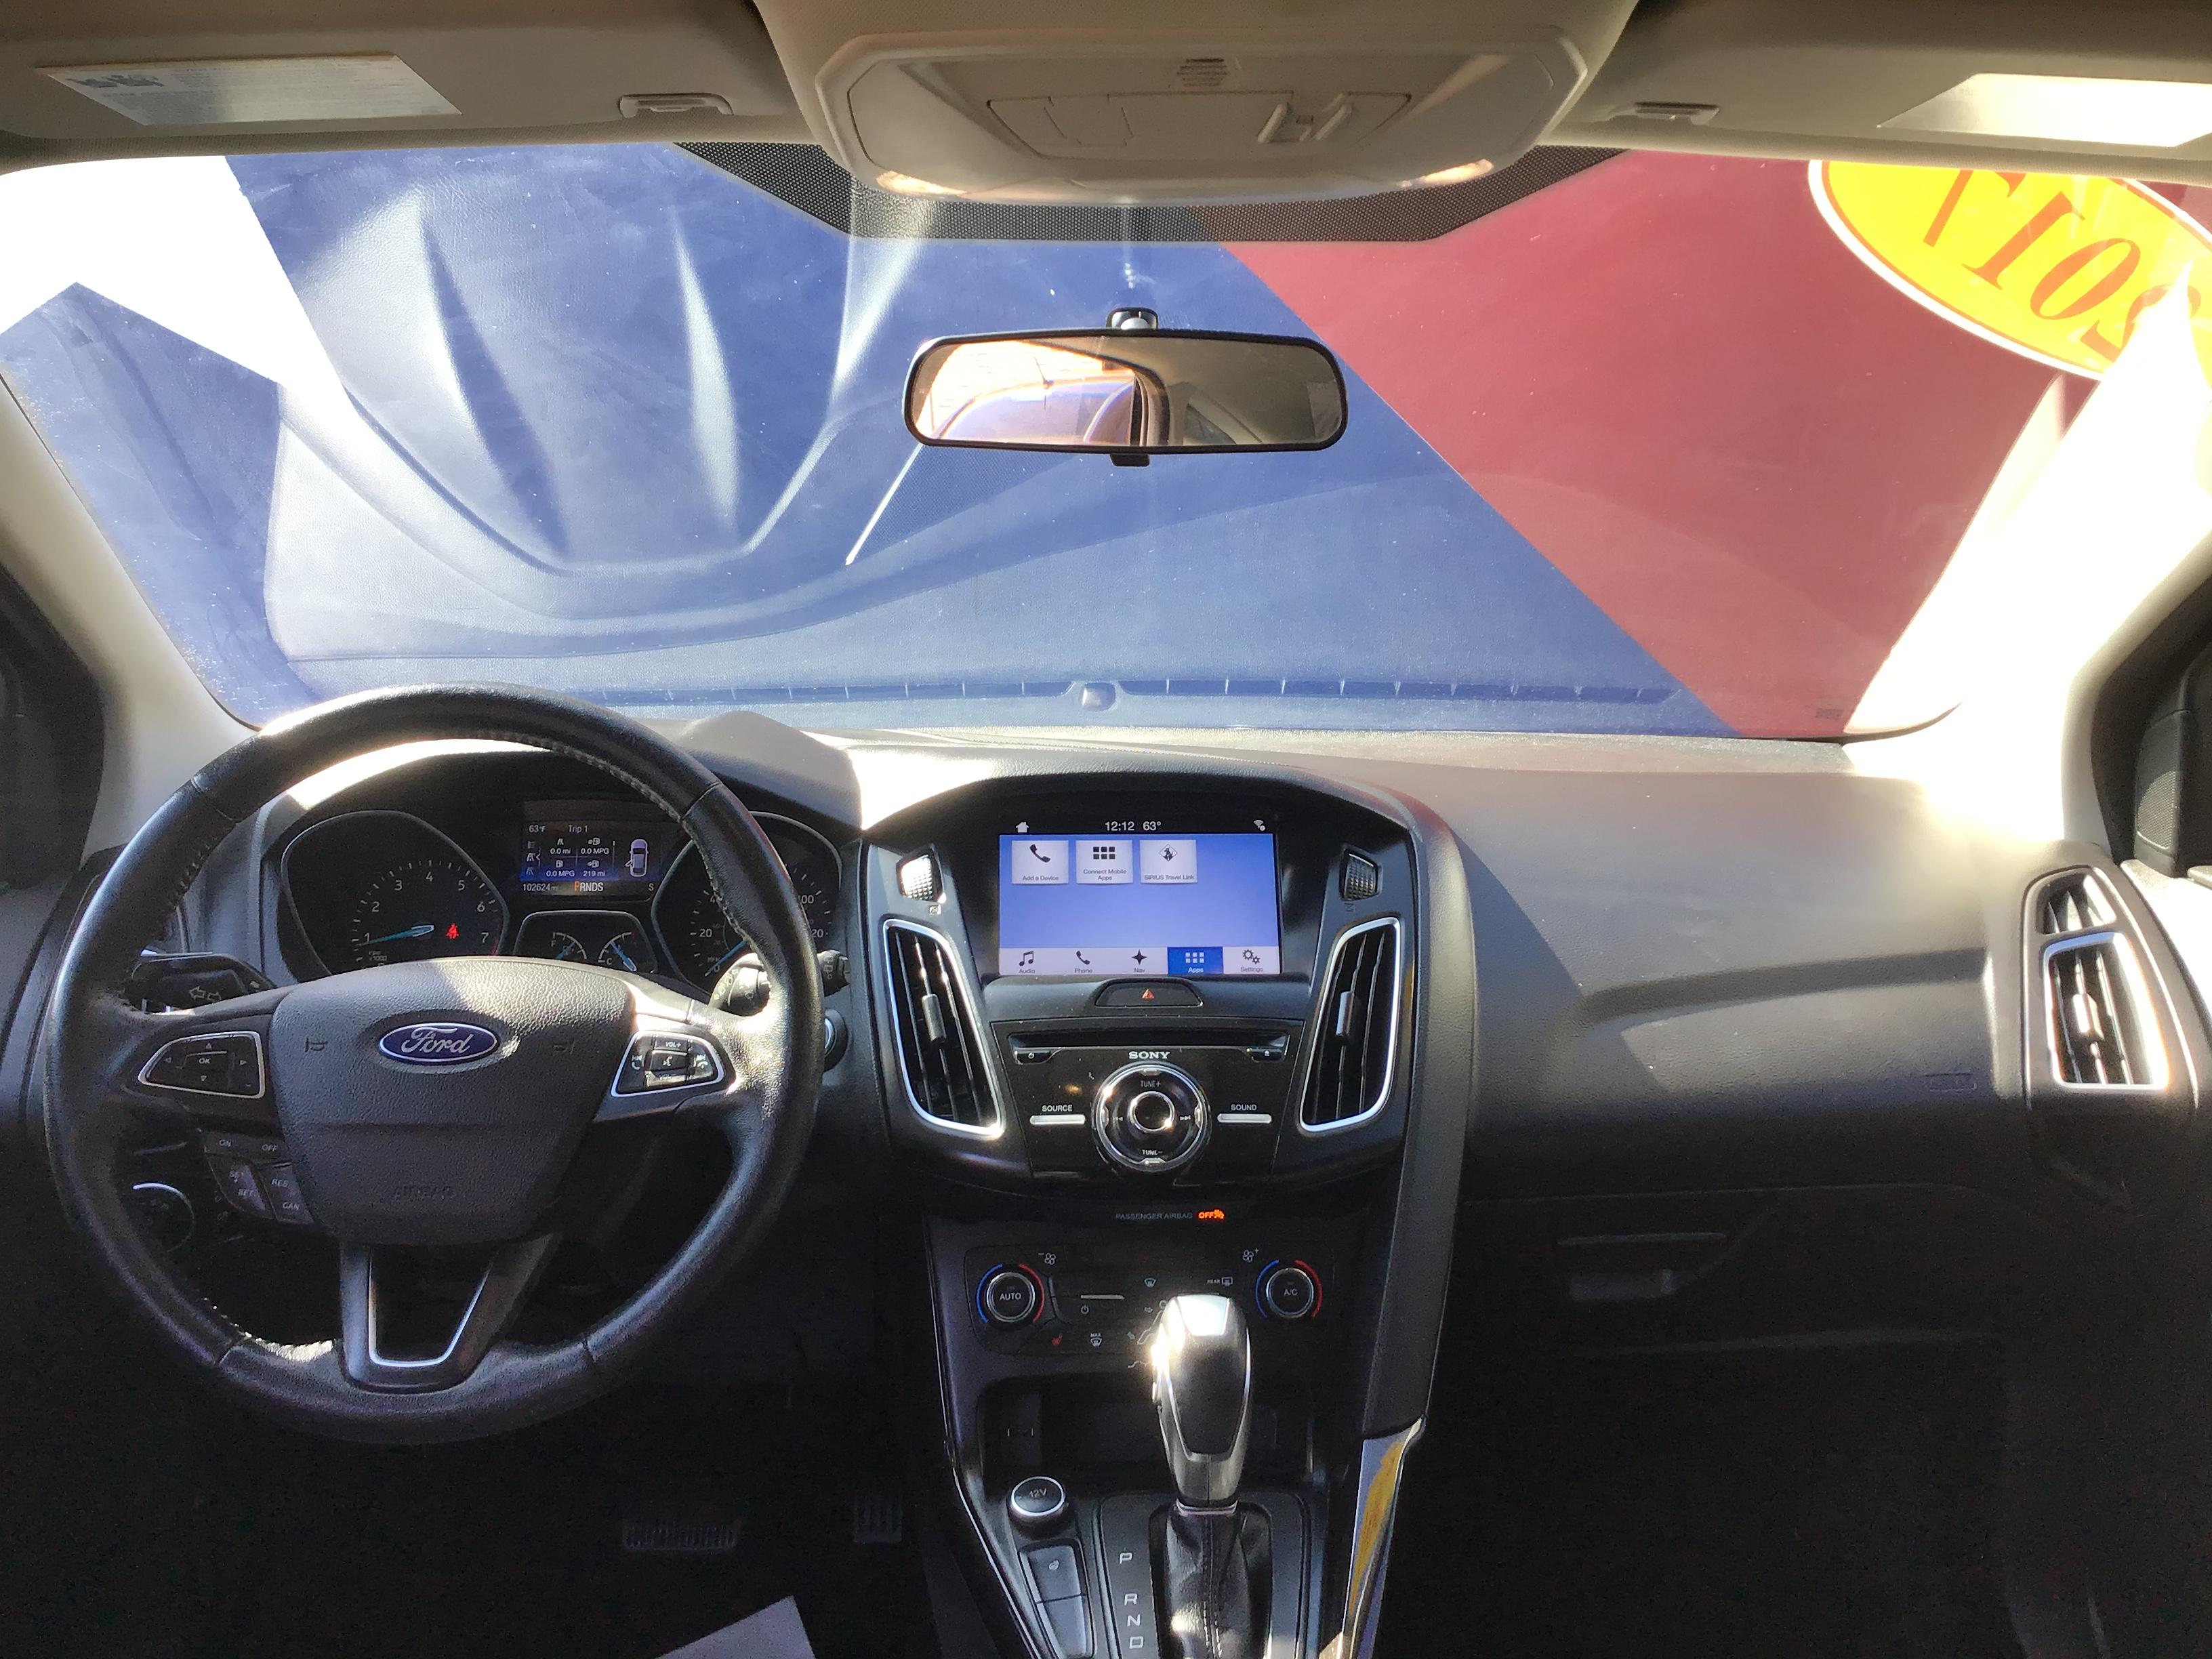 used vehicle - Sedan FORD FOCUS 2017